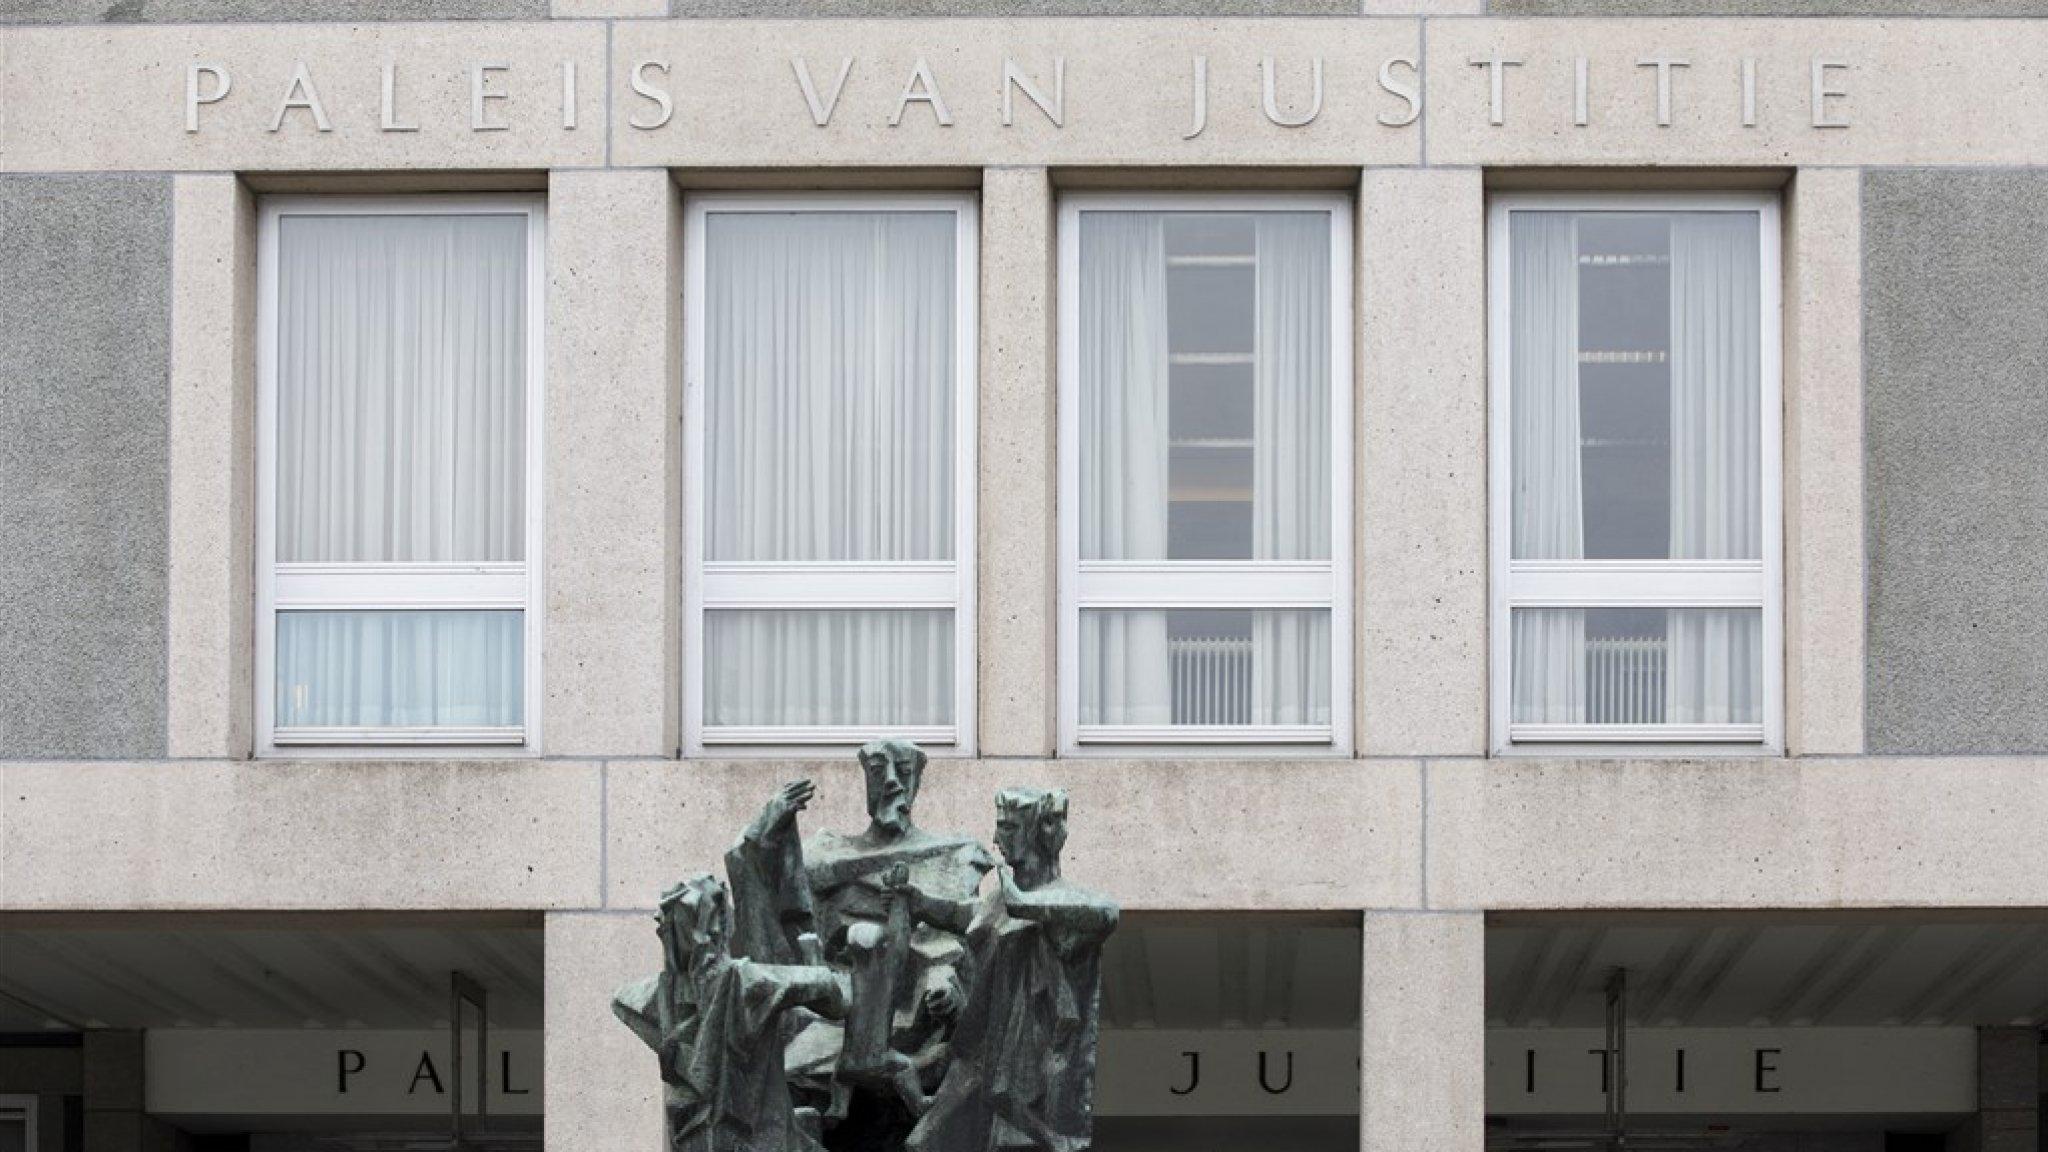 Vrouw wilde brand stichten bij avondklokrellen: 4 maanden cel - RTL Nieuws